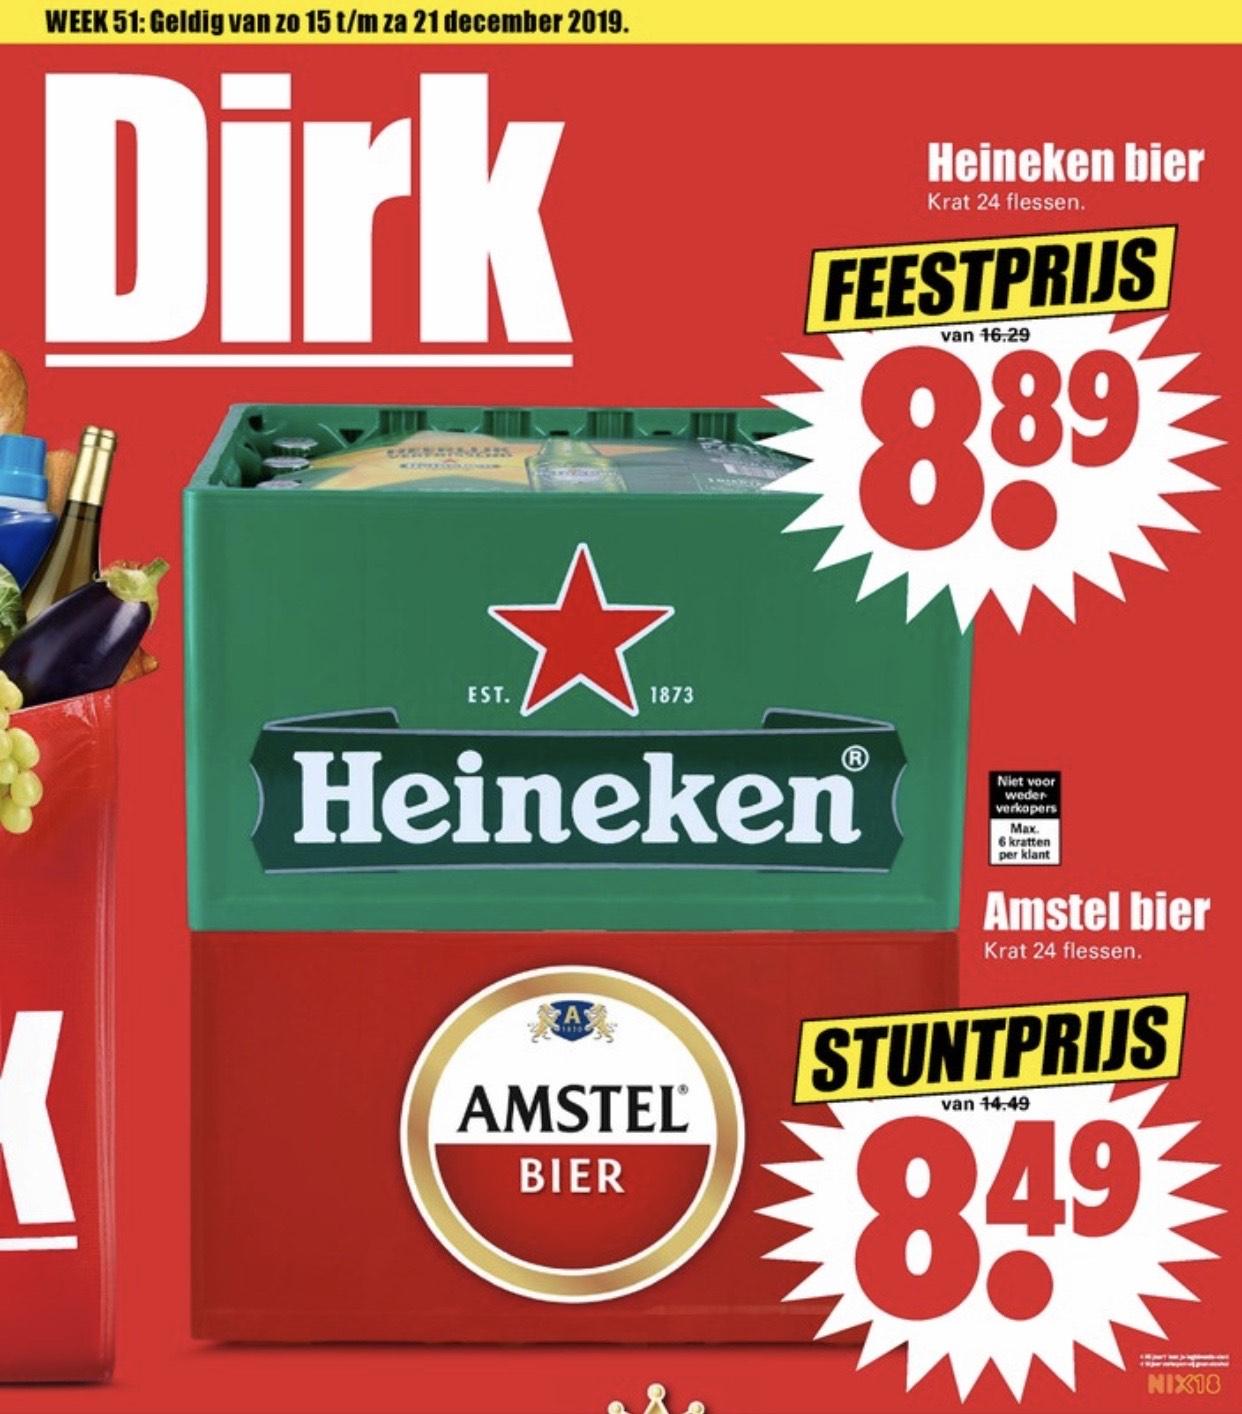 Heineken bier krat 24x voor €8,89 / Amstel bier krat 24x €8,49